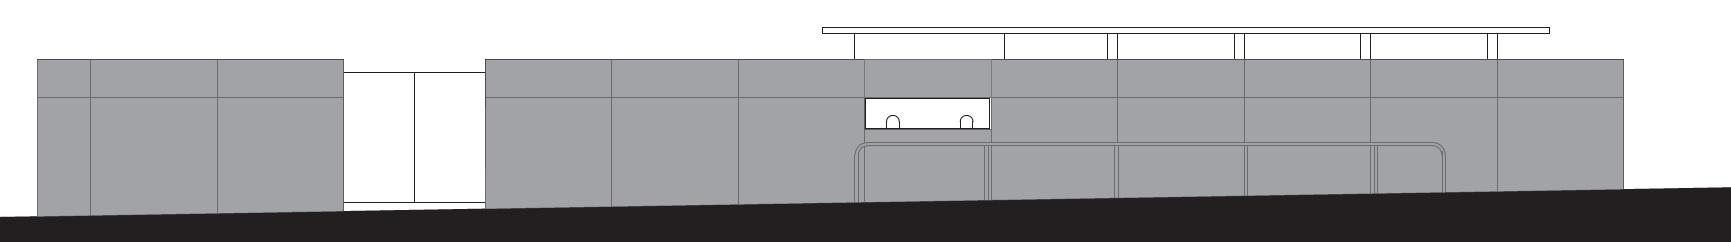 חזית ביתן כניסה